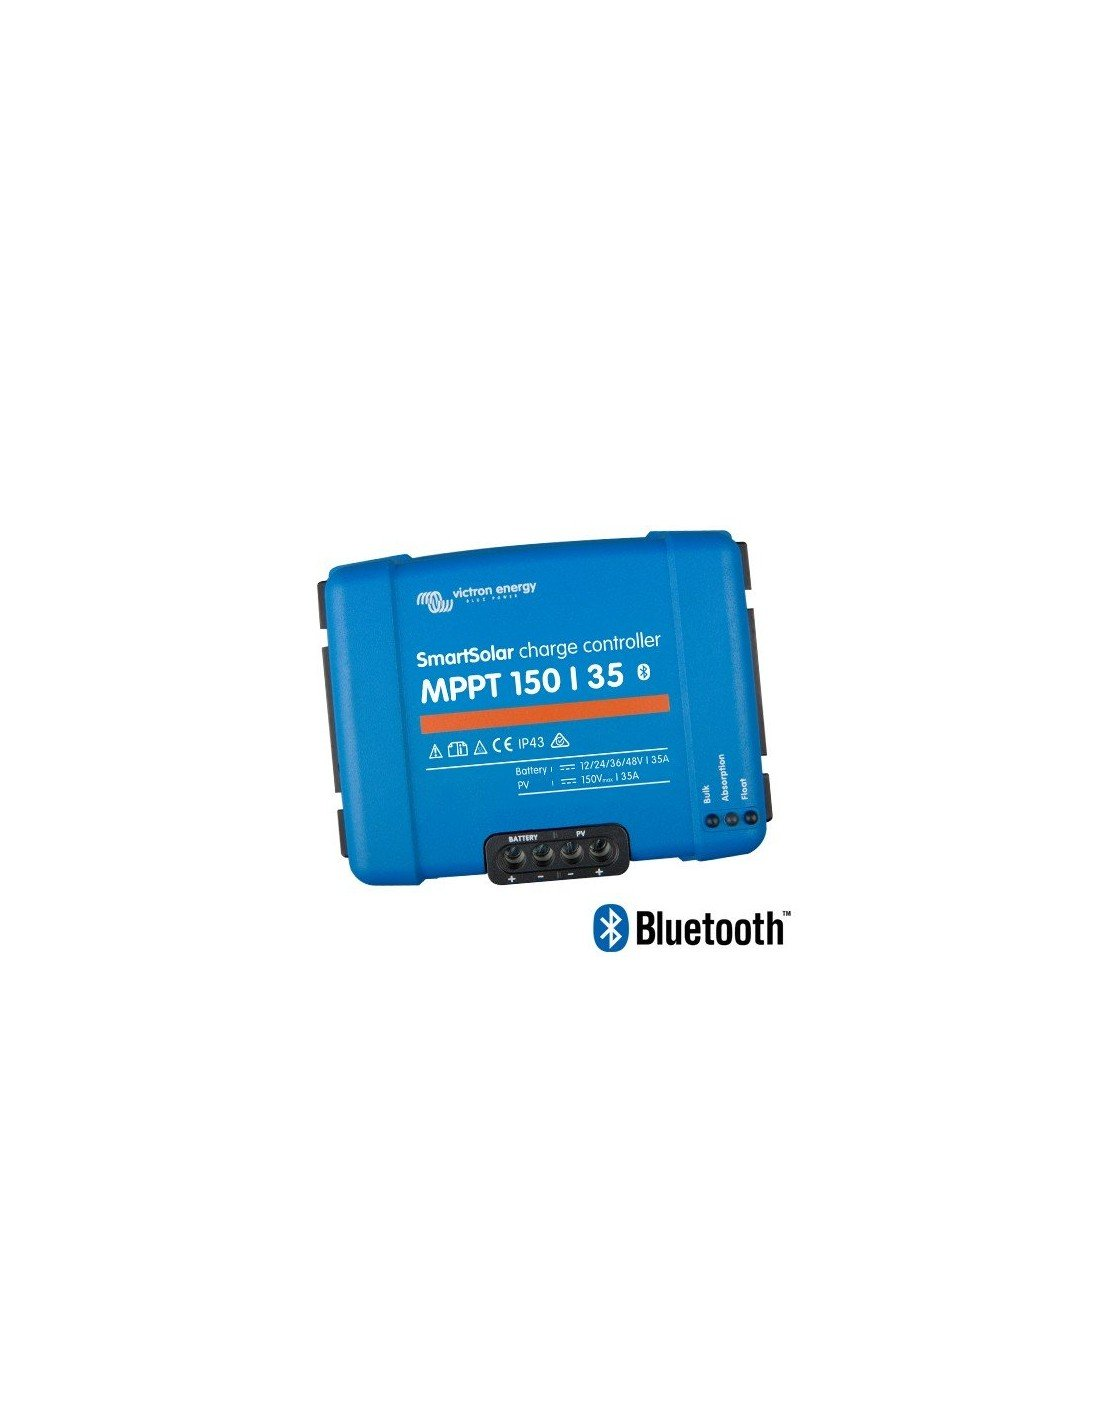 Pantalla LCD enchufable para monitor y programa Victron SmartSolar MPPT controladores de carga solar Victron SmartSolar